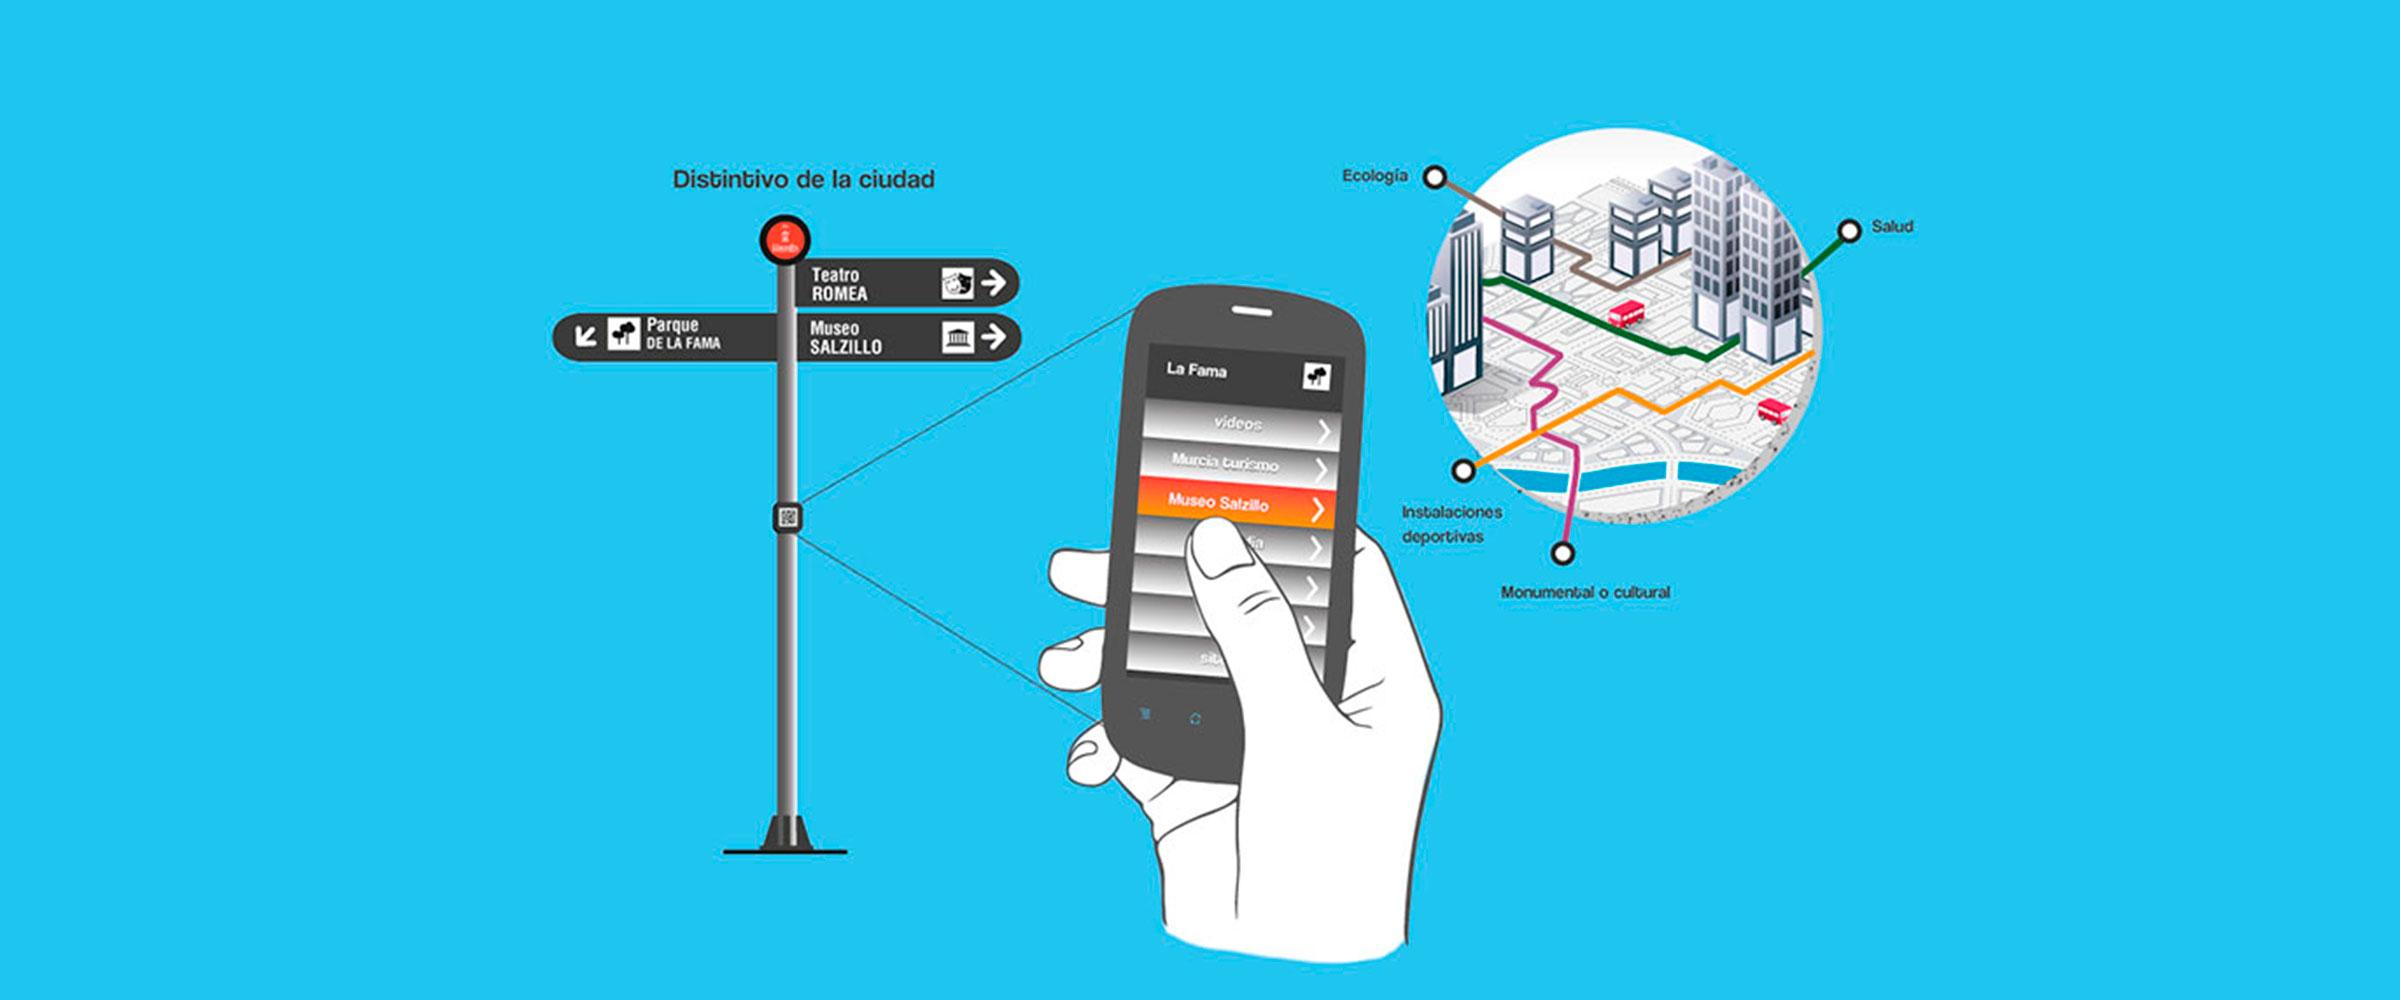 City ComunicaciónProyectos Urbanos